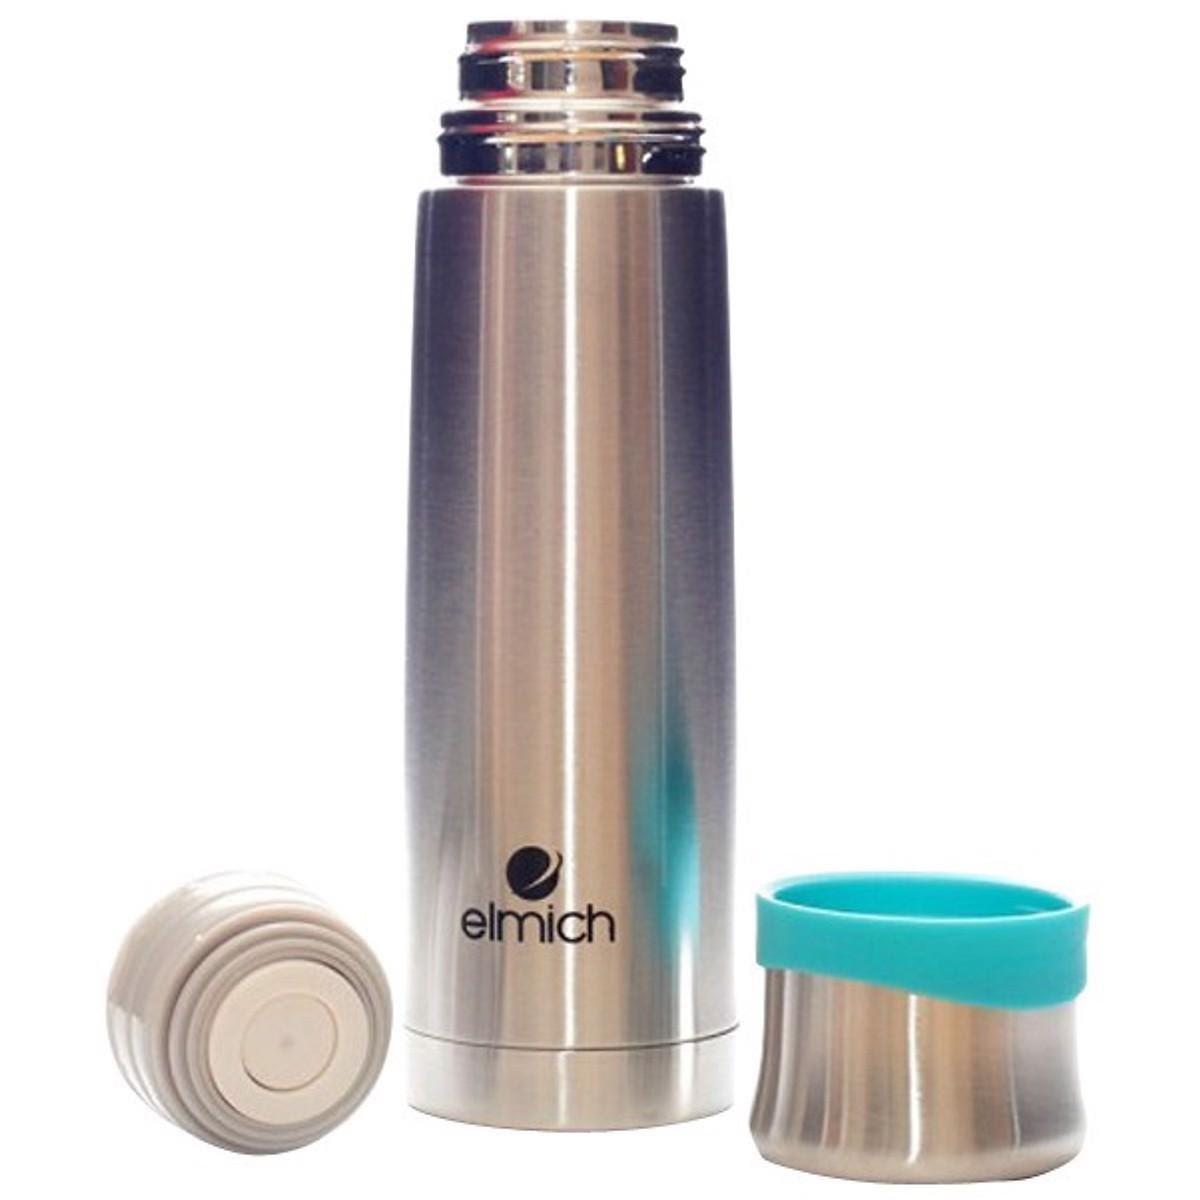 Bình giữ nhiệt inox 500ml Elmich K5_2246386